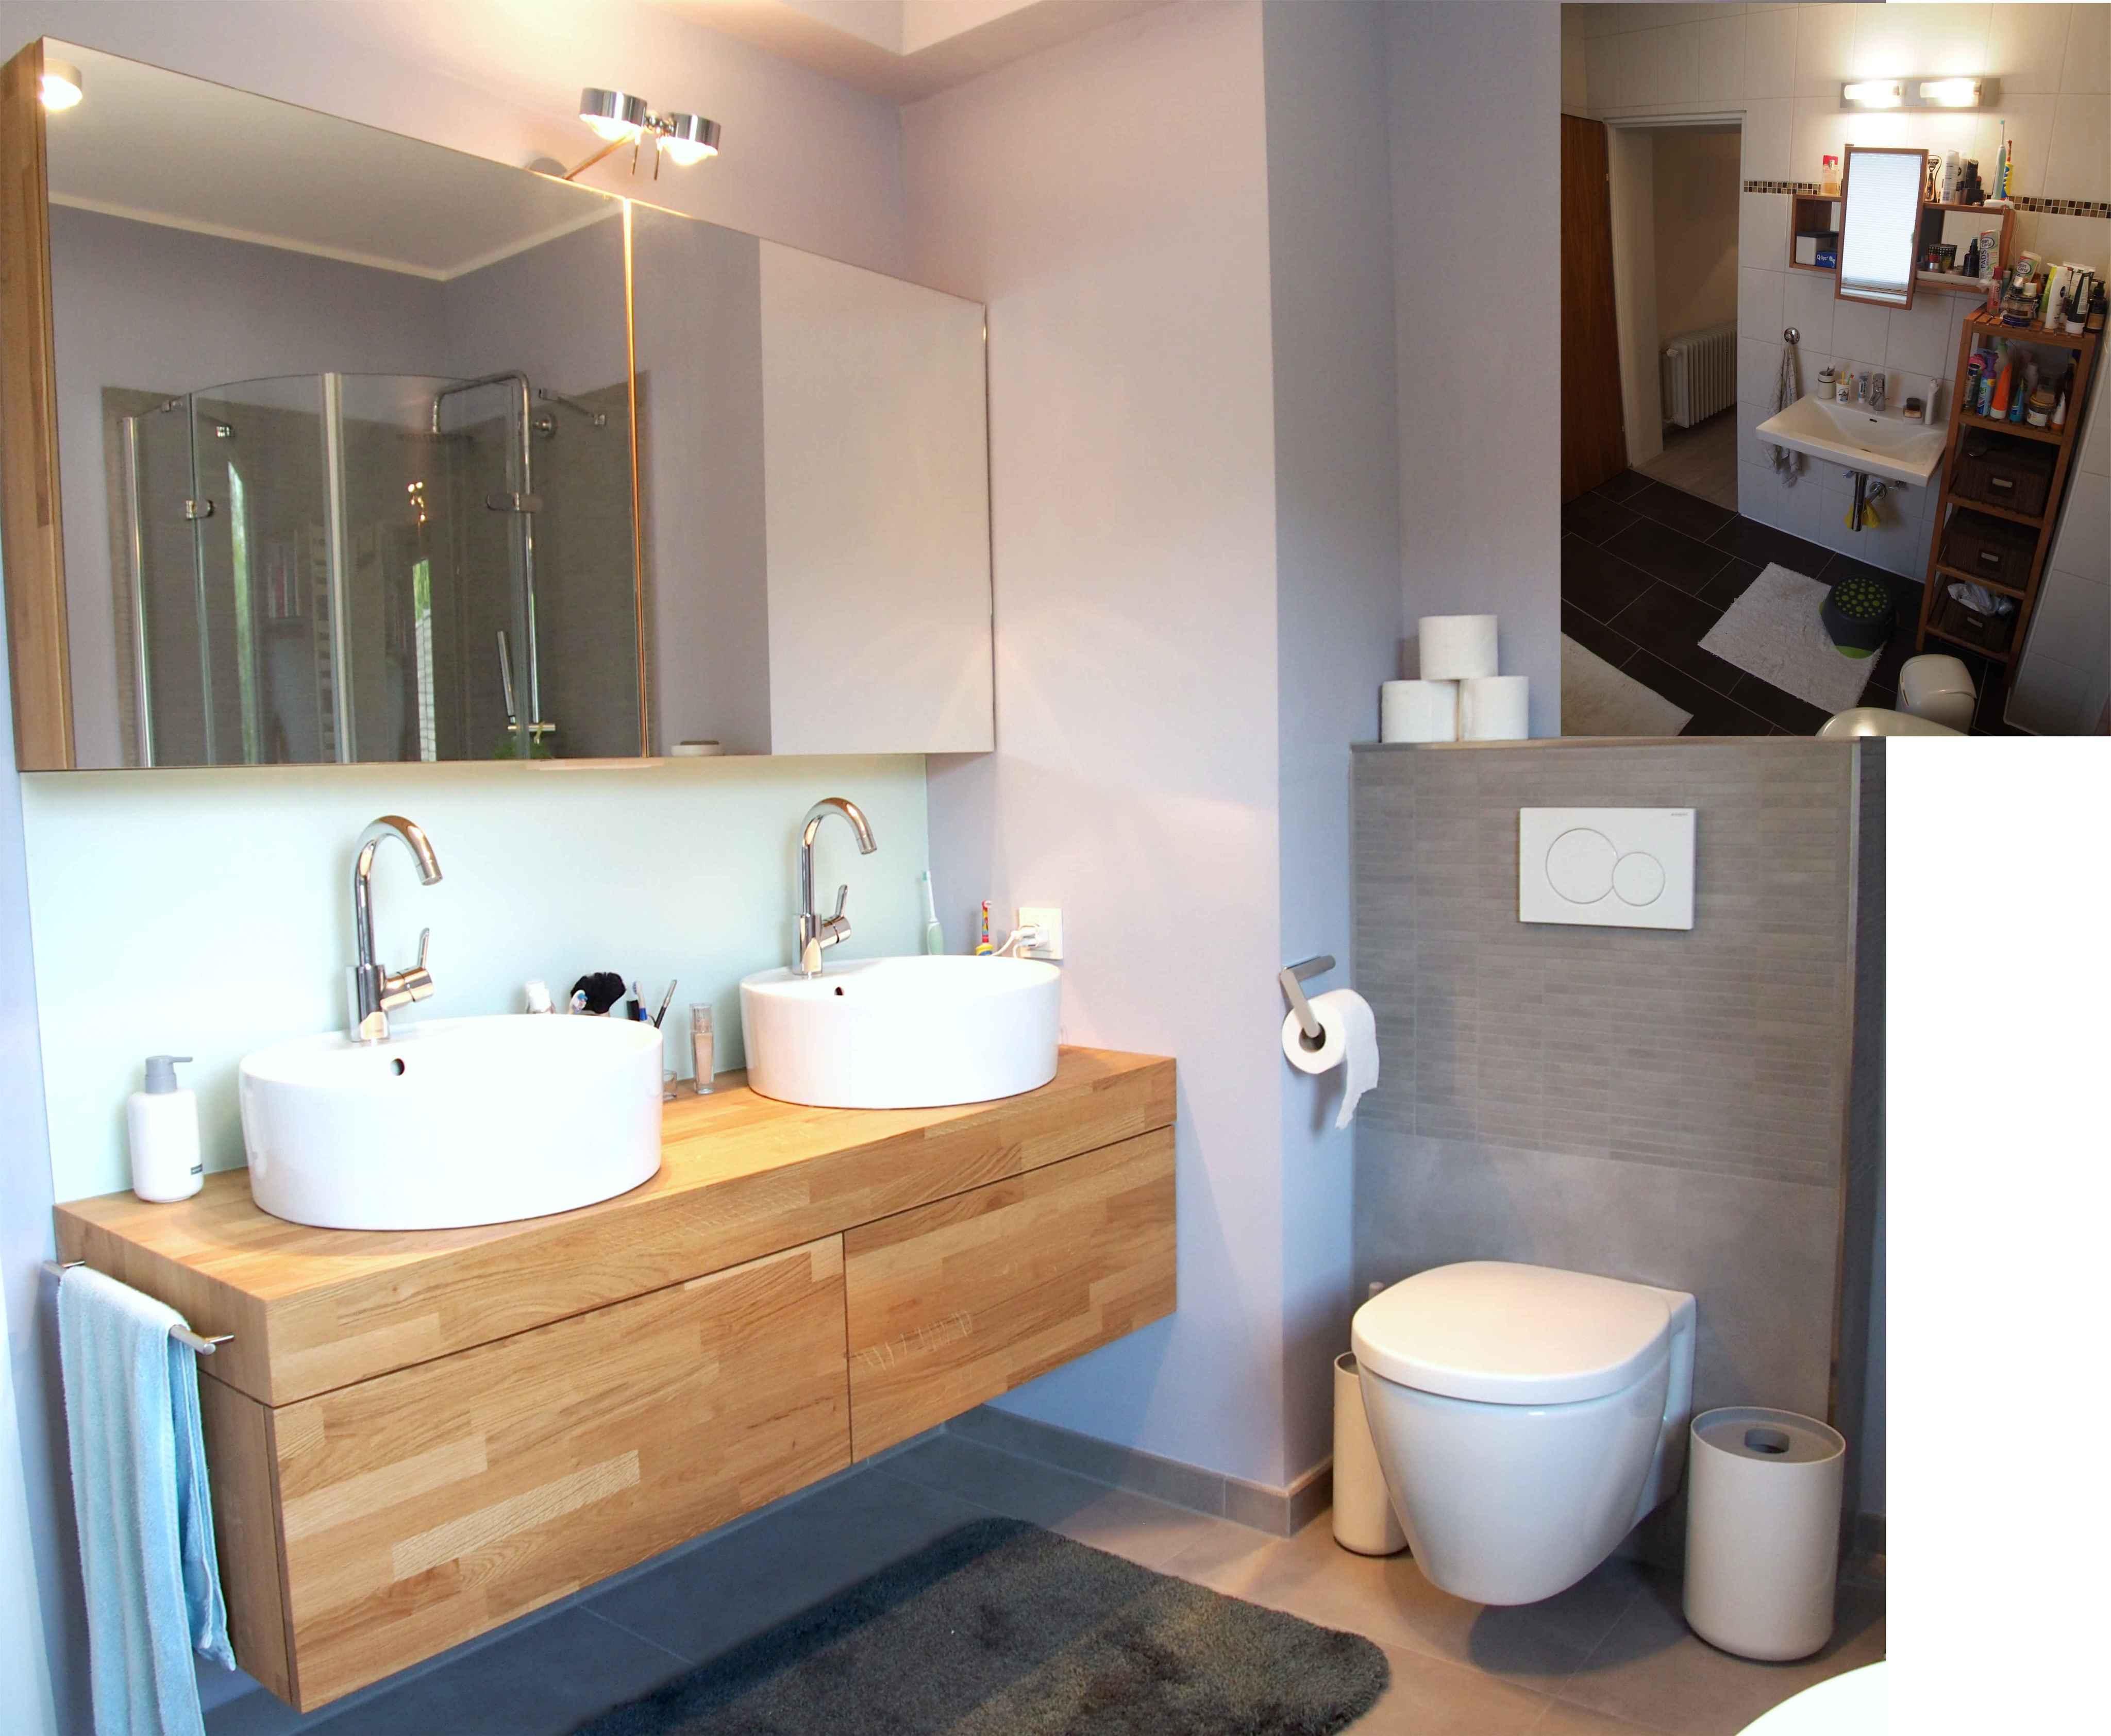 Umbau Wohnhaus Aus Den 70er Jahren #badezimmer #badezimmerschrank  #waschbecken #waschbeckenunterschrank ©Yvette